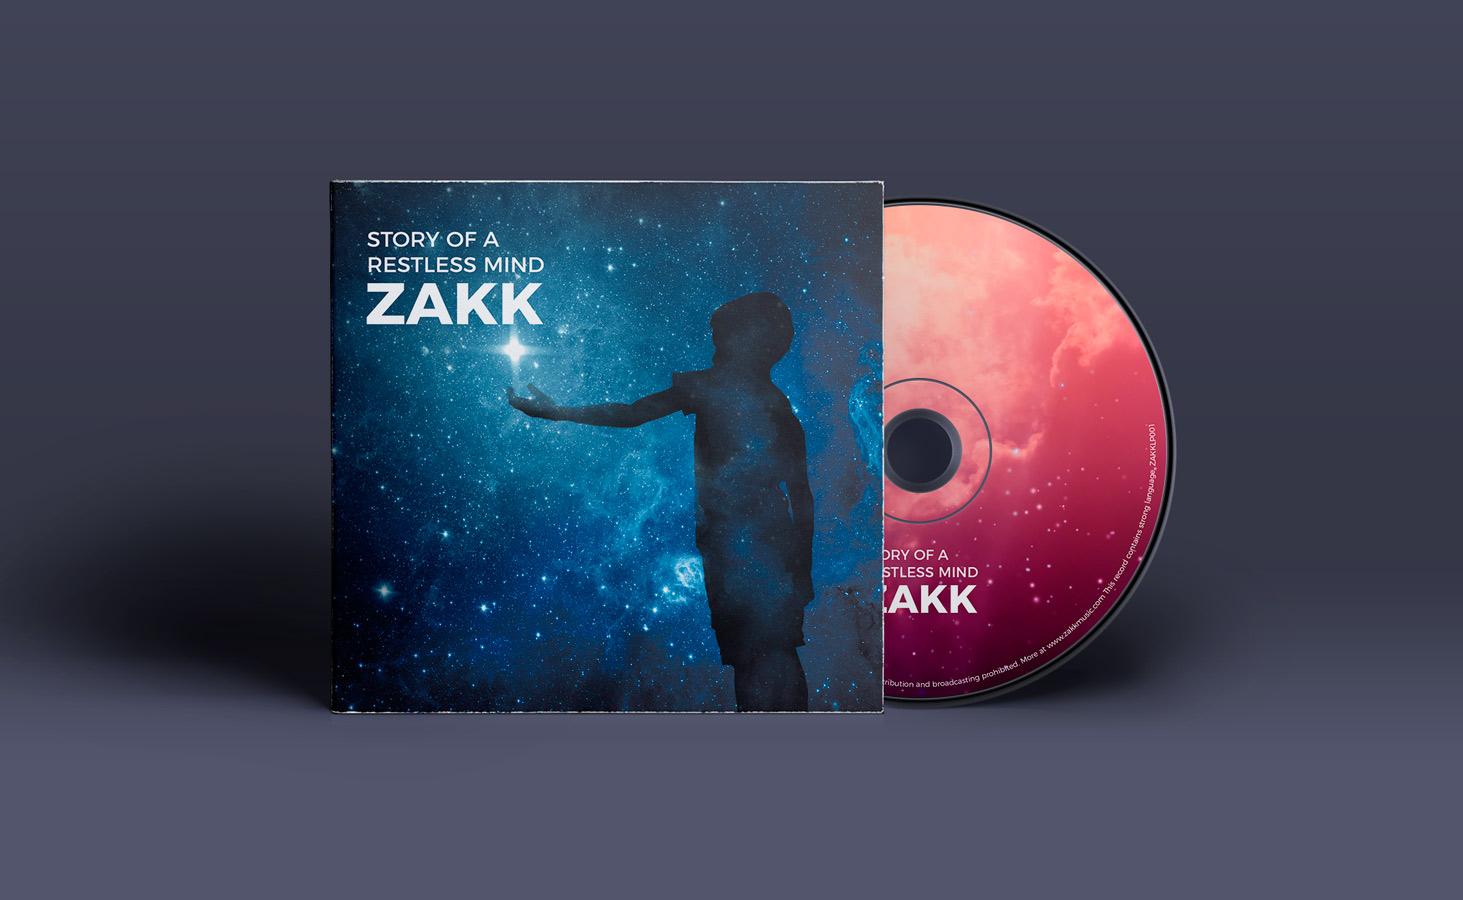 Zakk_CD_05